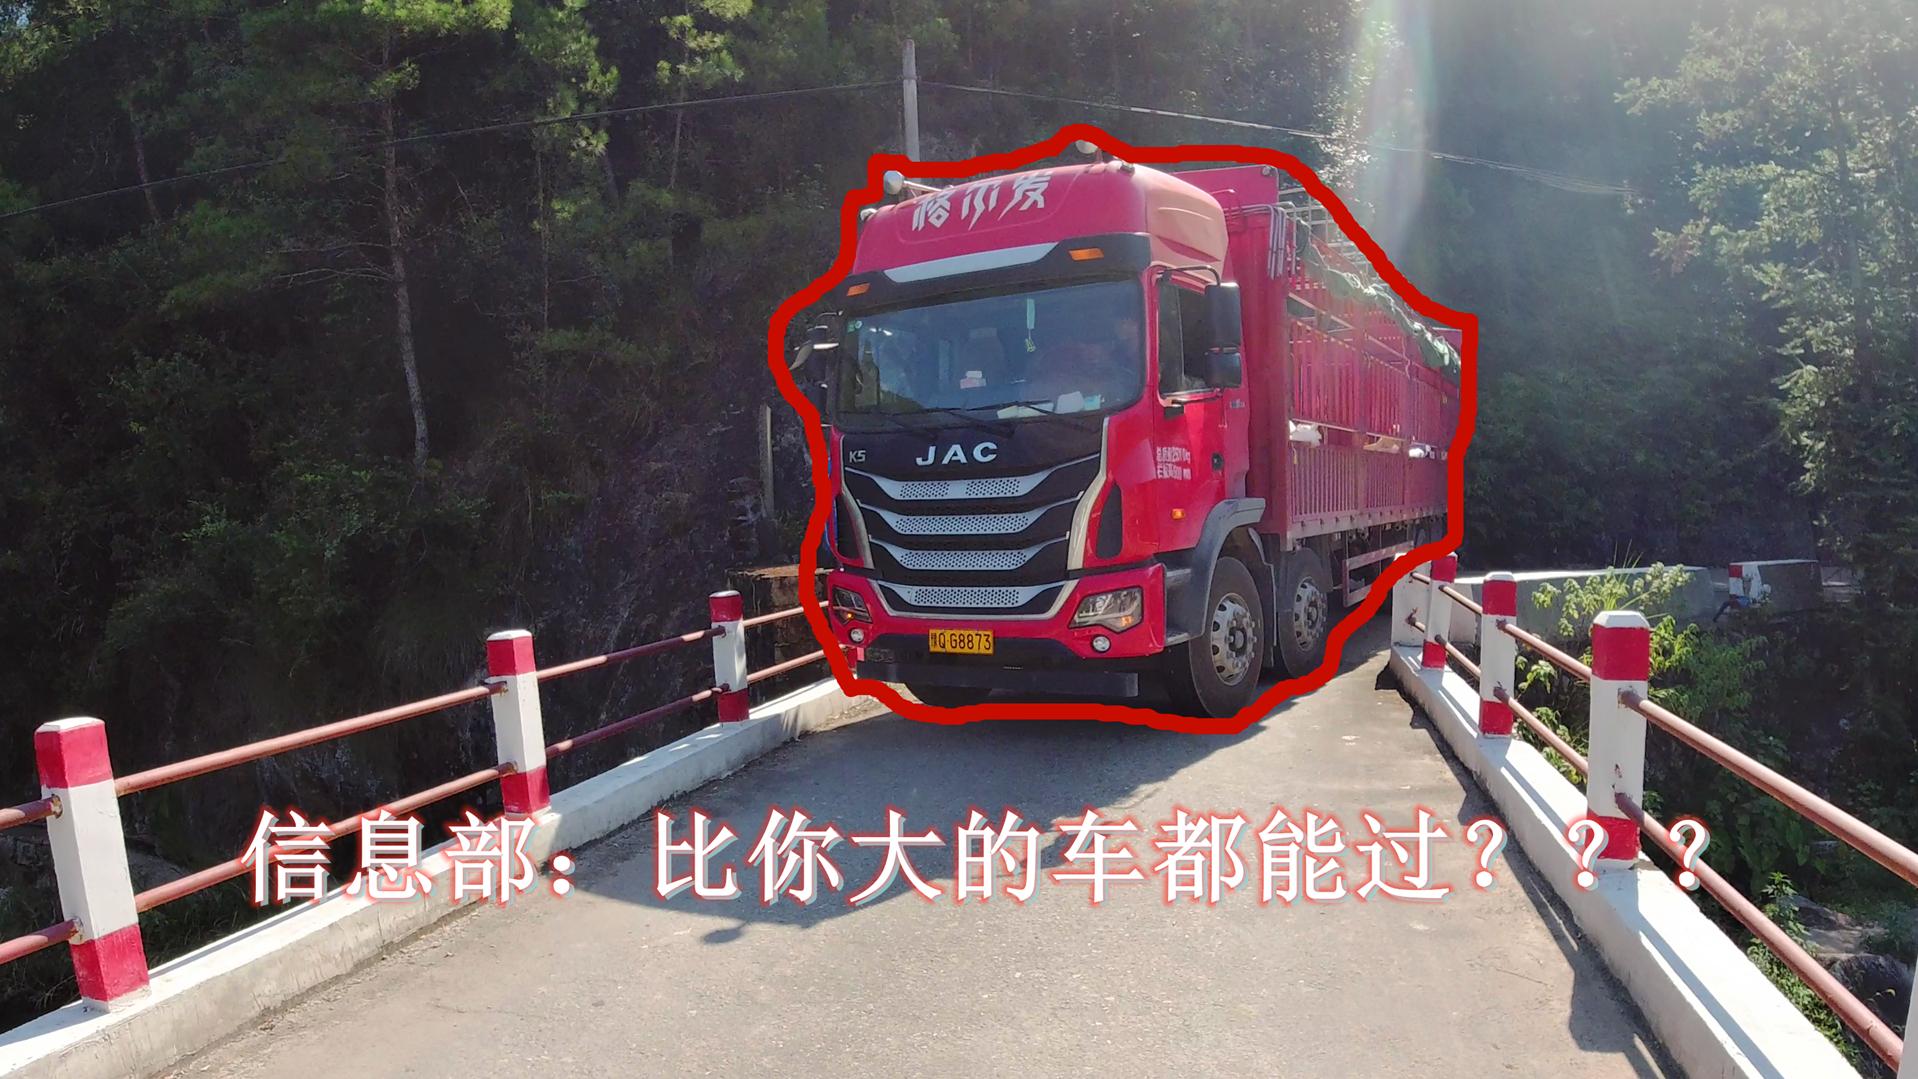 旅途路上偶遇大货车司机,往前开不进去,往后倒不回来,好在最终到达目的地